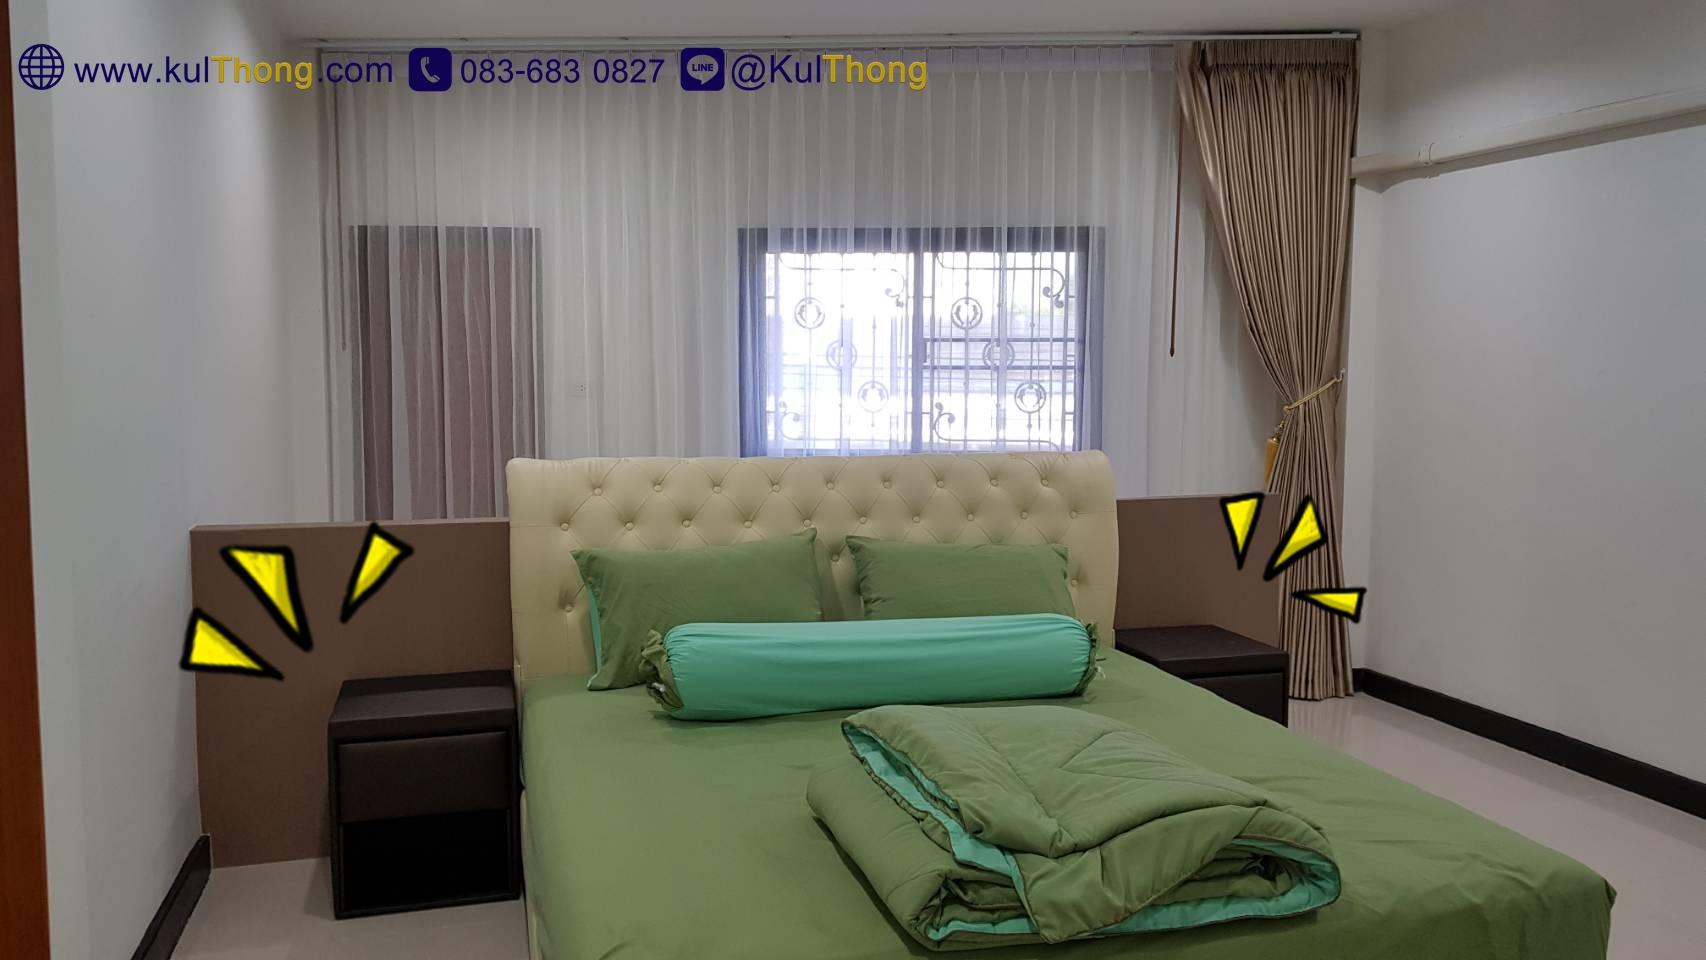 ตู้ข้างเตียงหุ้มหนัง ตู้ข้างเตียงมีลิ้นชัก สตูลเก็บของ